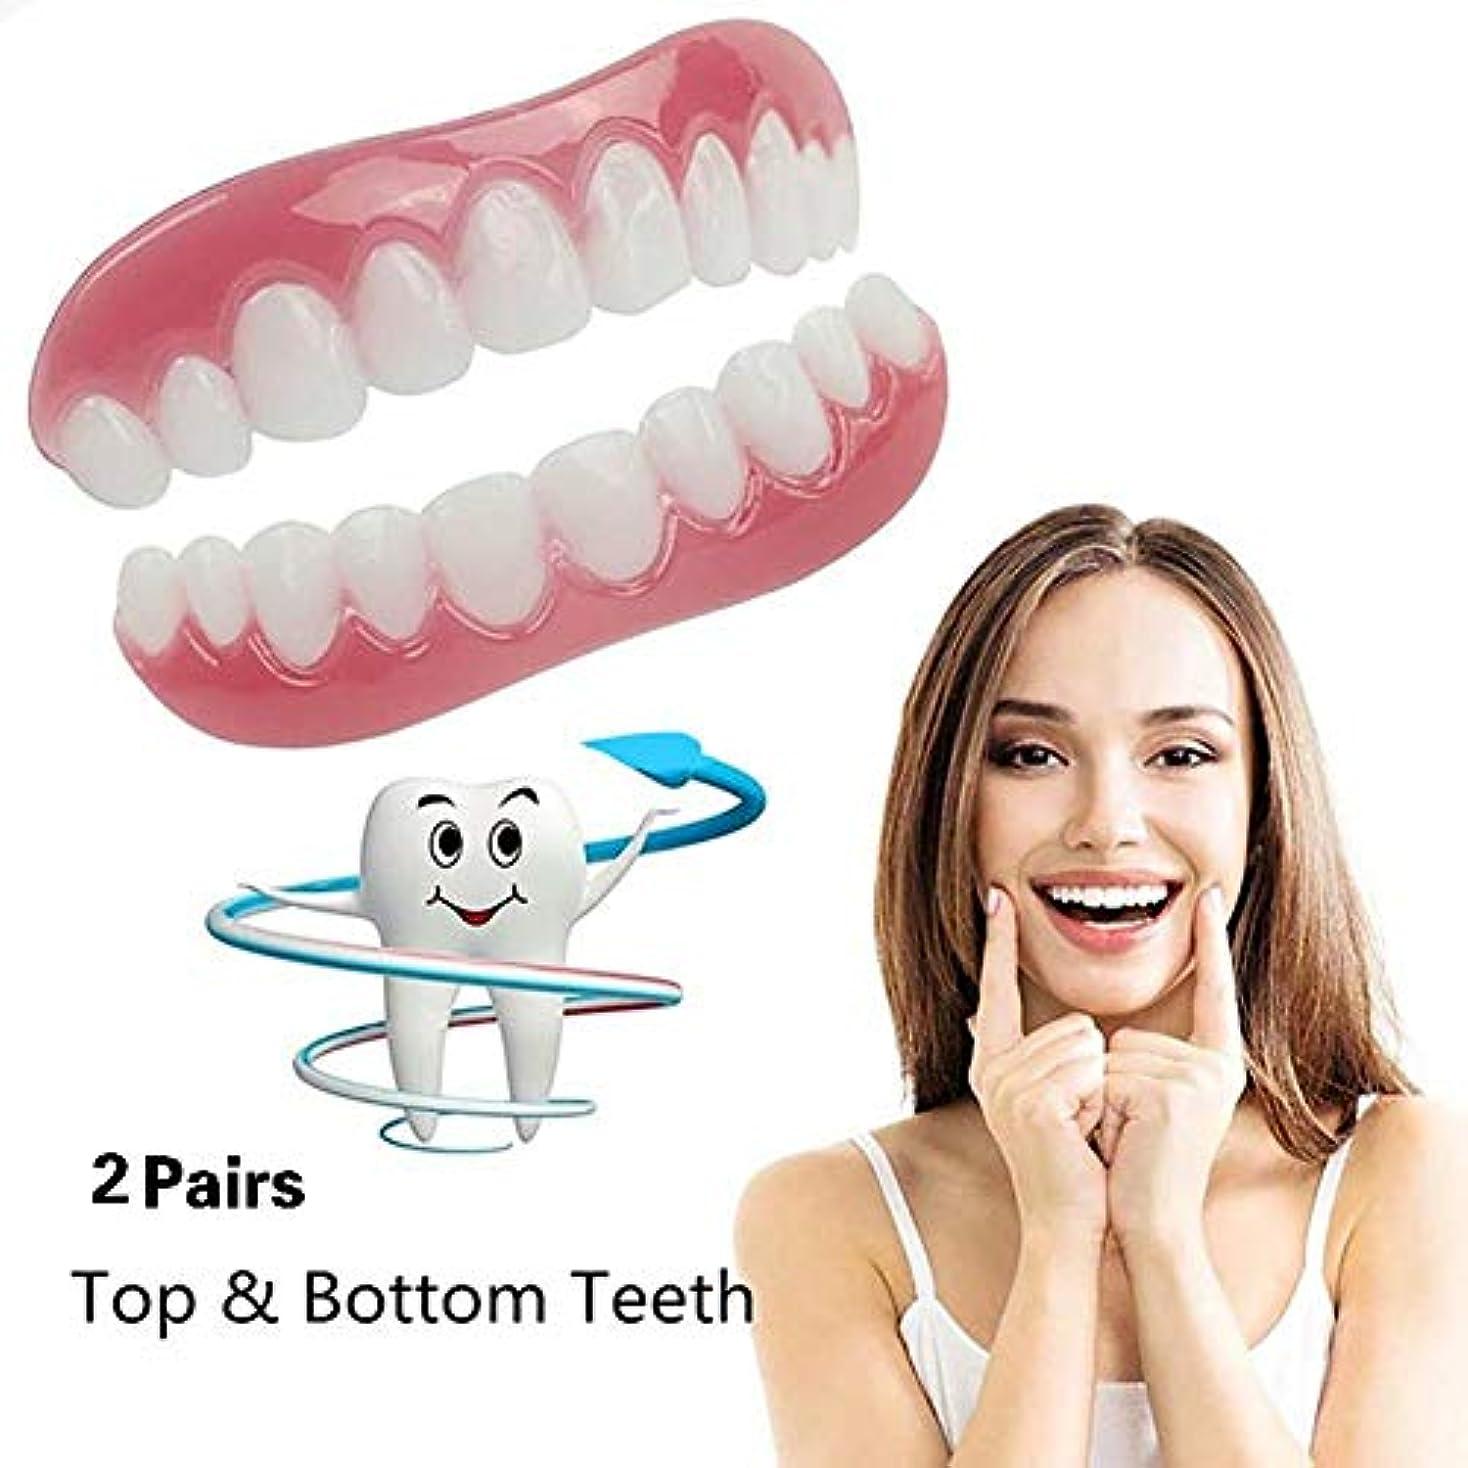 彼女の許容ゼリー2対のシリコーンの歯のベニヤの歯の快適さのフィットフレックス化粧品の歯義歯の歯のトップとボトム化粧品のベニヤのシミュレーションのブレースワンサイズフィットすべて